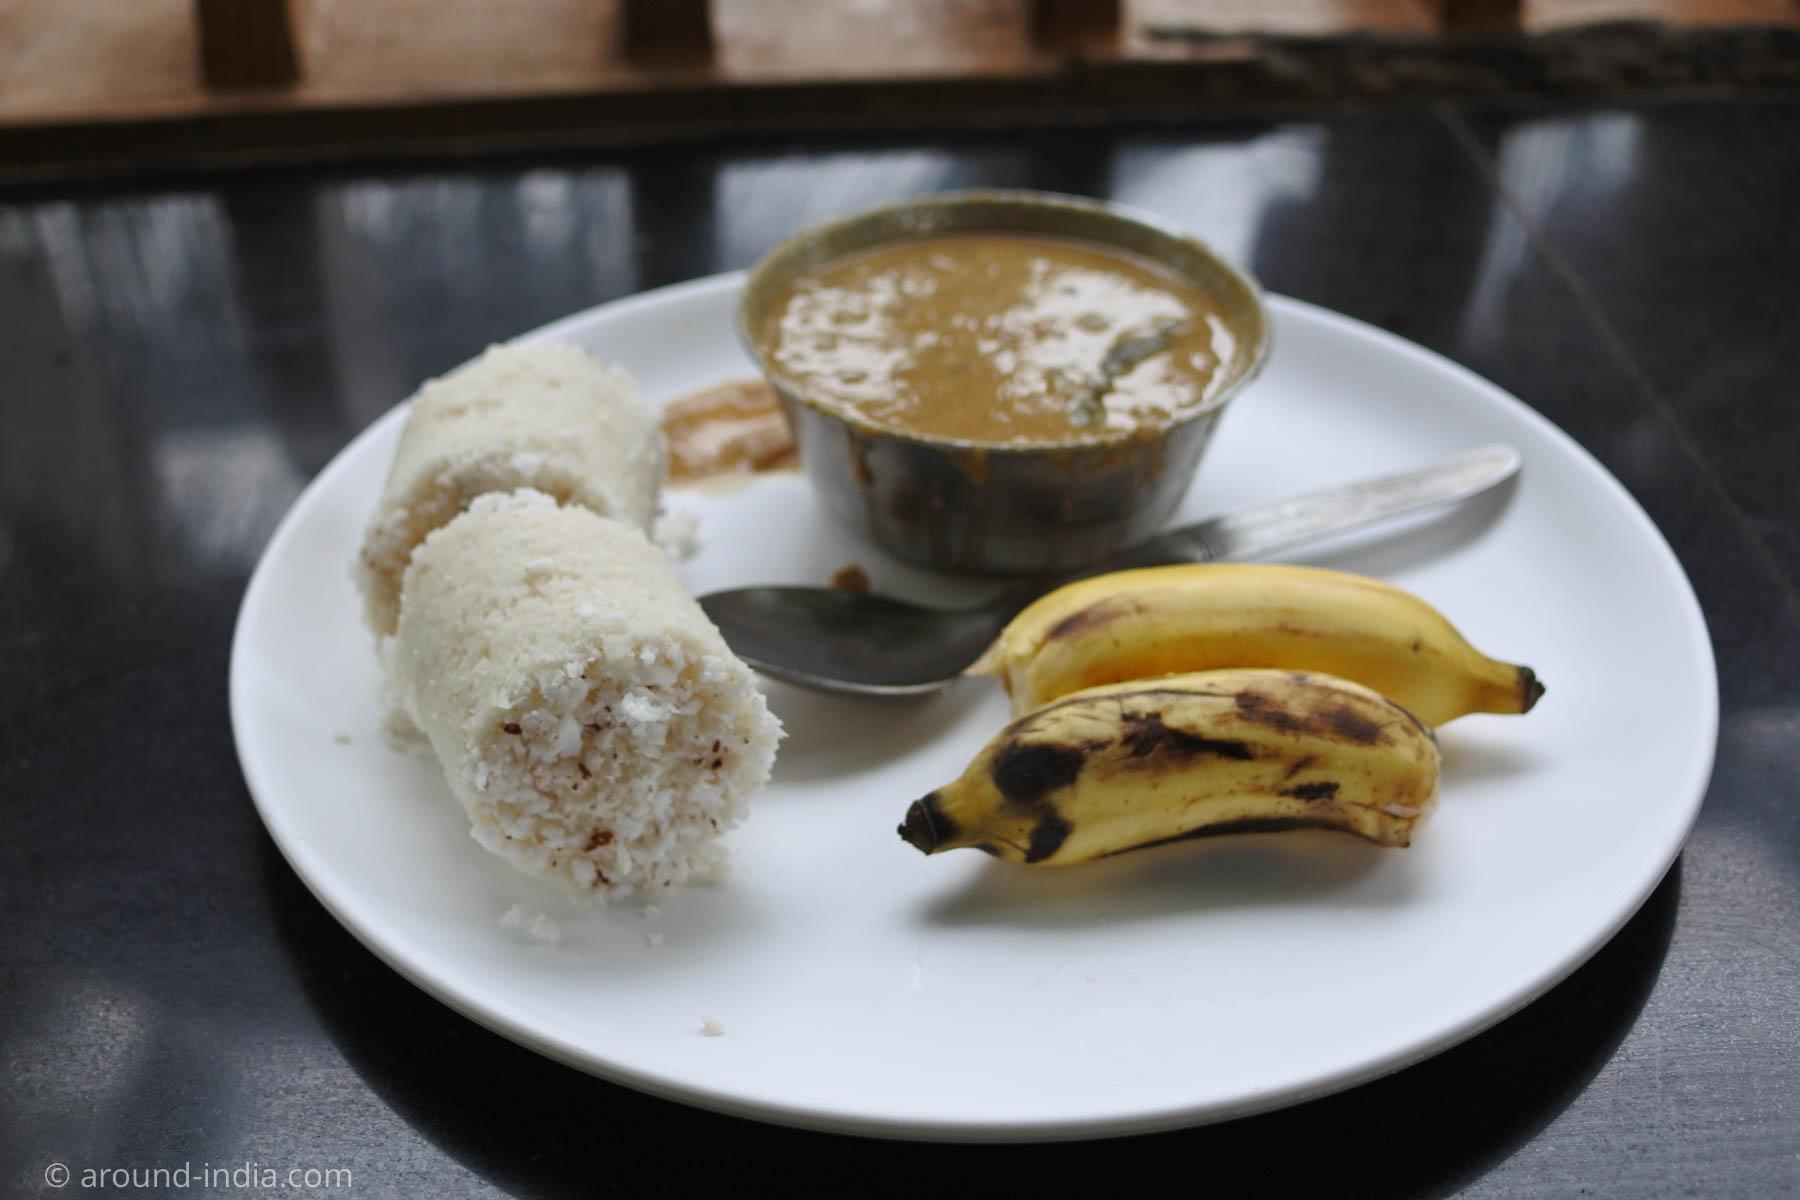 アーユルヴェーダ病院のごはん。ココナッツ入り米粉蒸しケーキのプットゥ、ひよこ豆のカダラカリー、バナナ